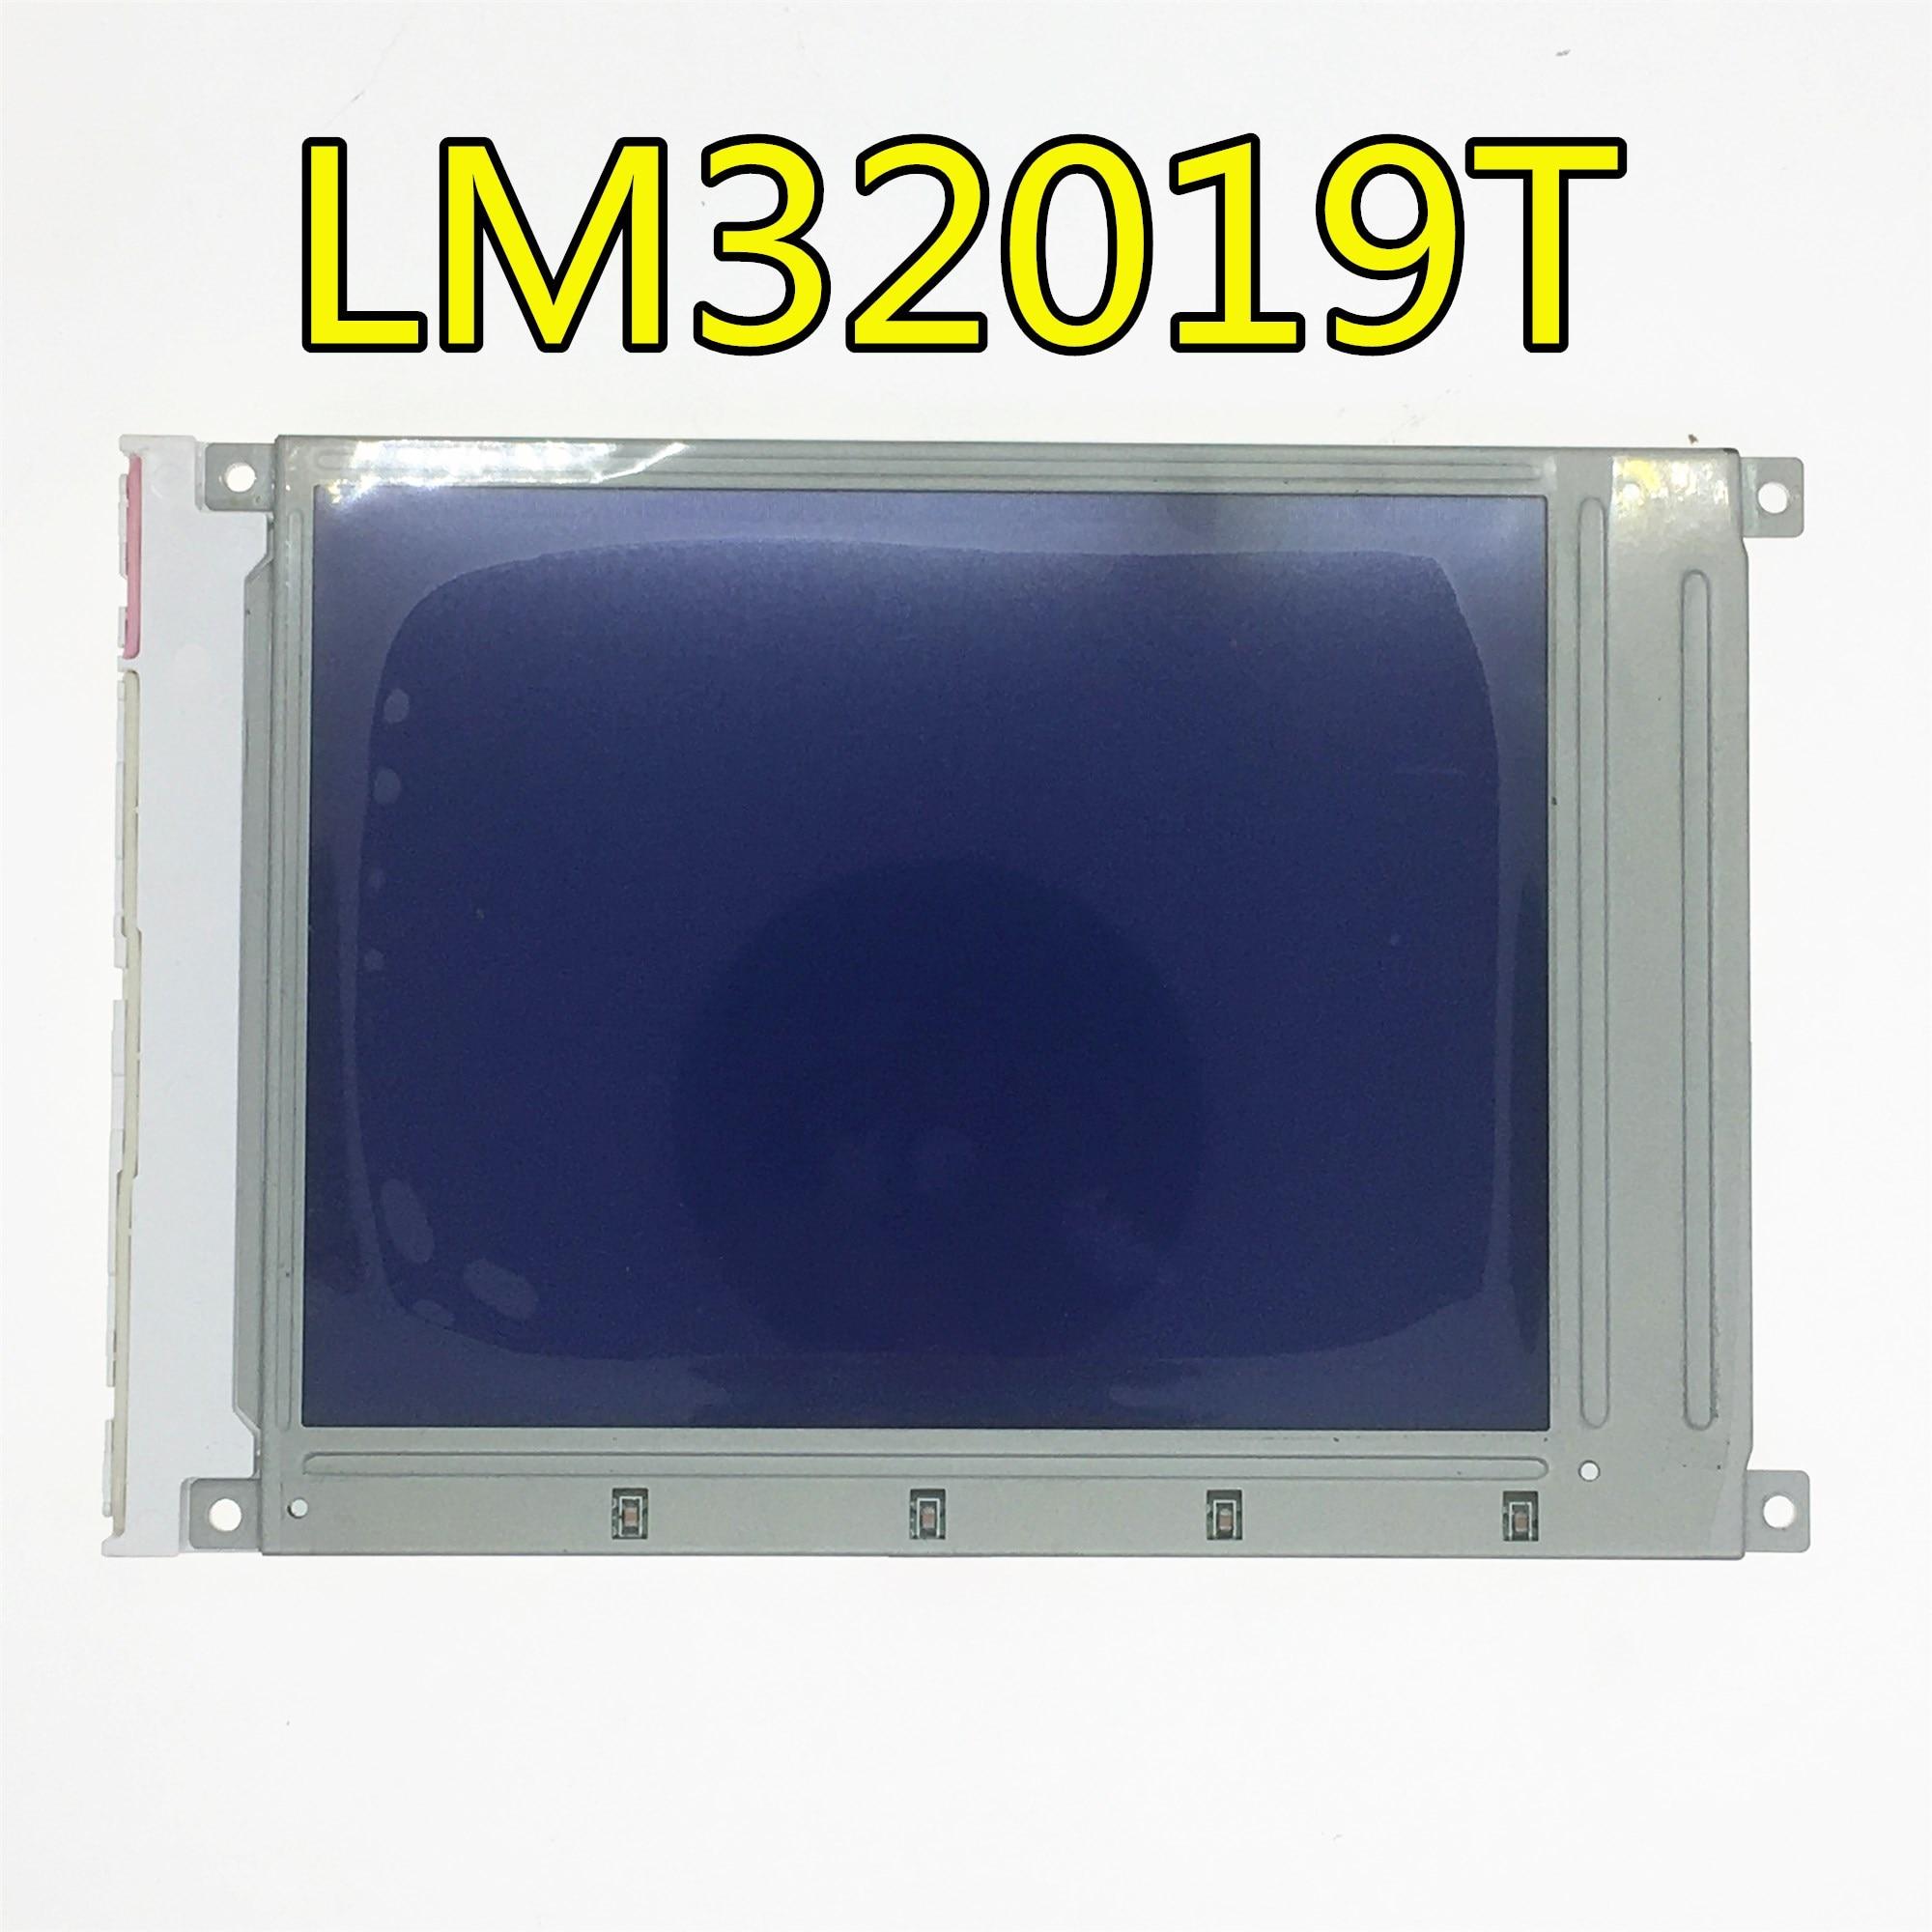 Puede proporcionar Video de prueba, 90 días de garantía, Panel LCD de 5,7 pulgadas LM32019T